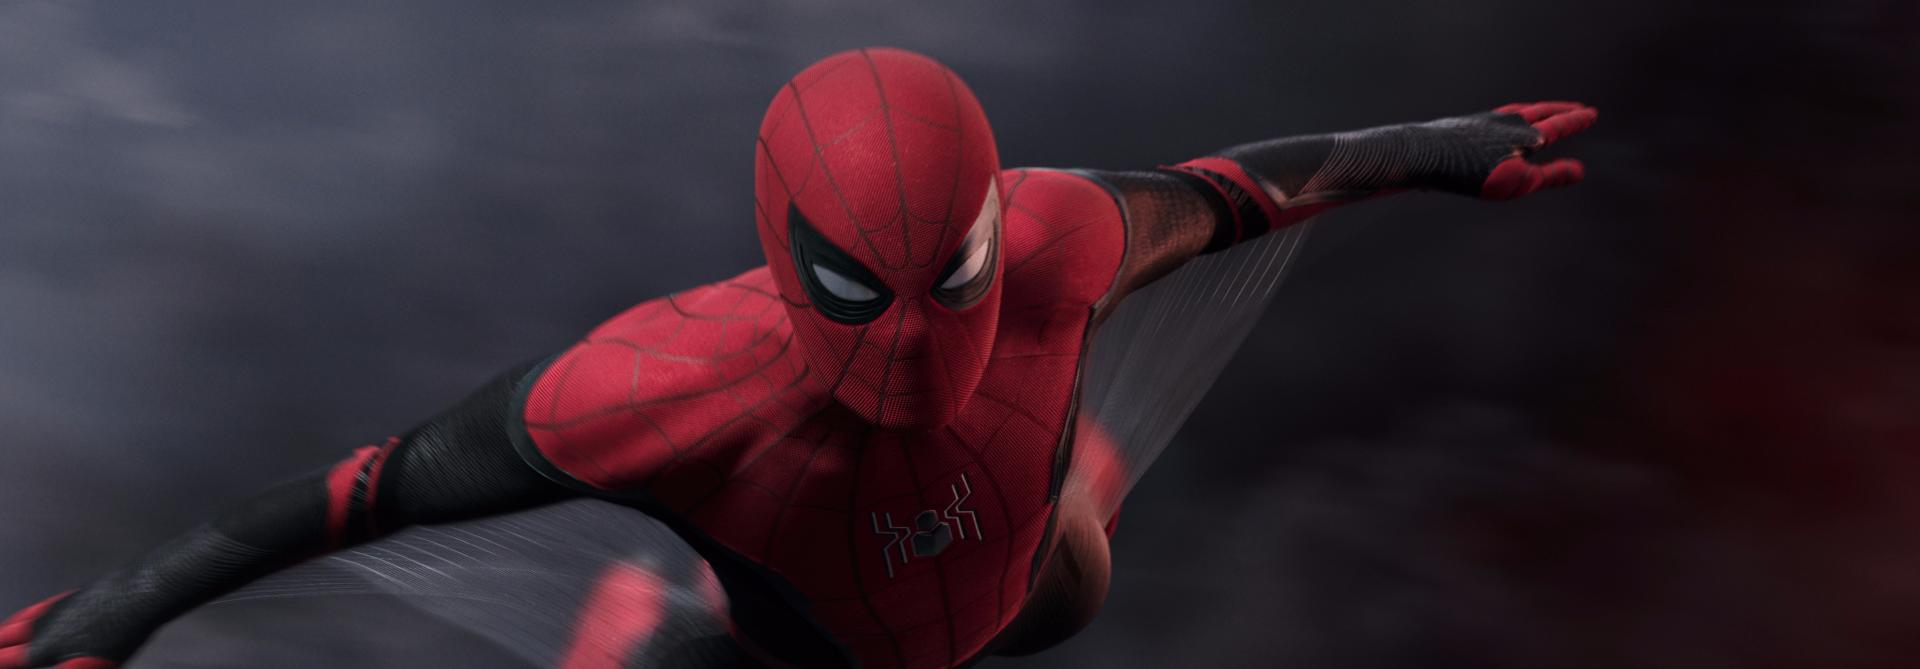 《蜘蛛侠:英雄远征》戳中我为什么喜欢蜘蛛